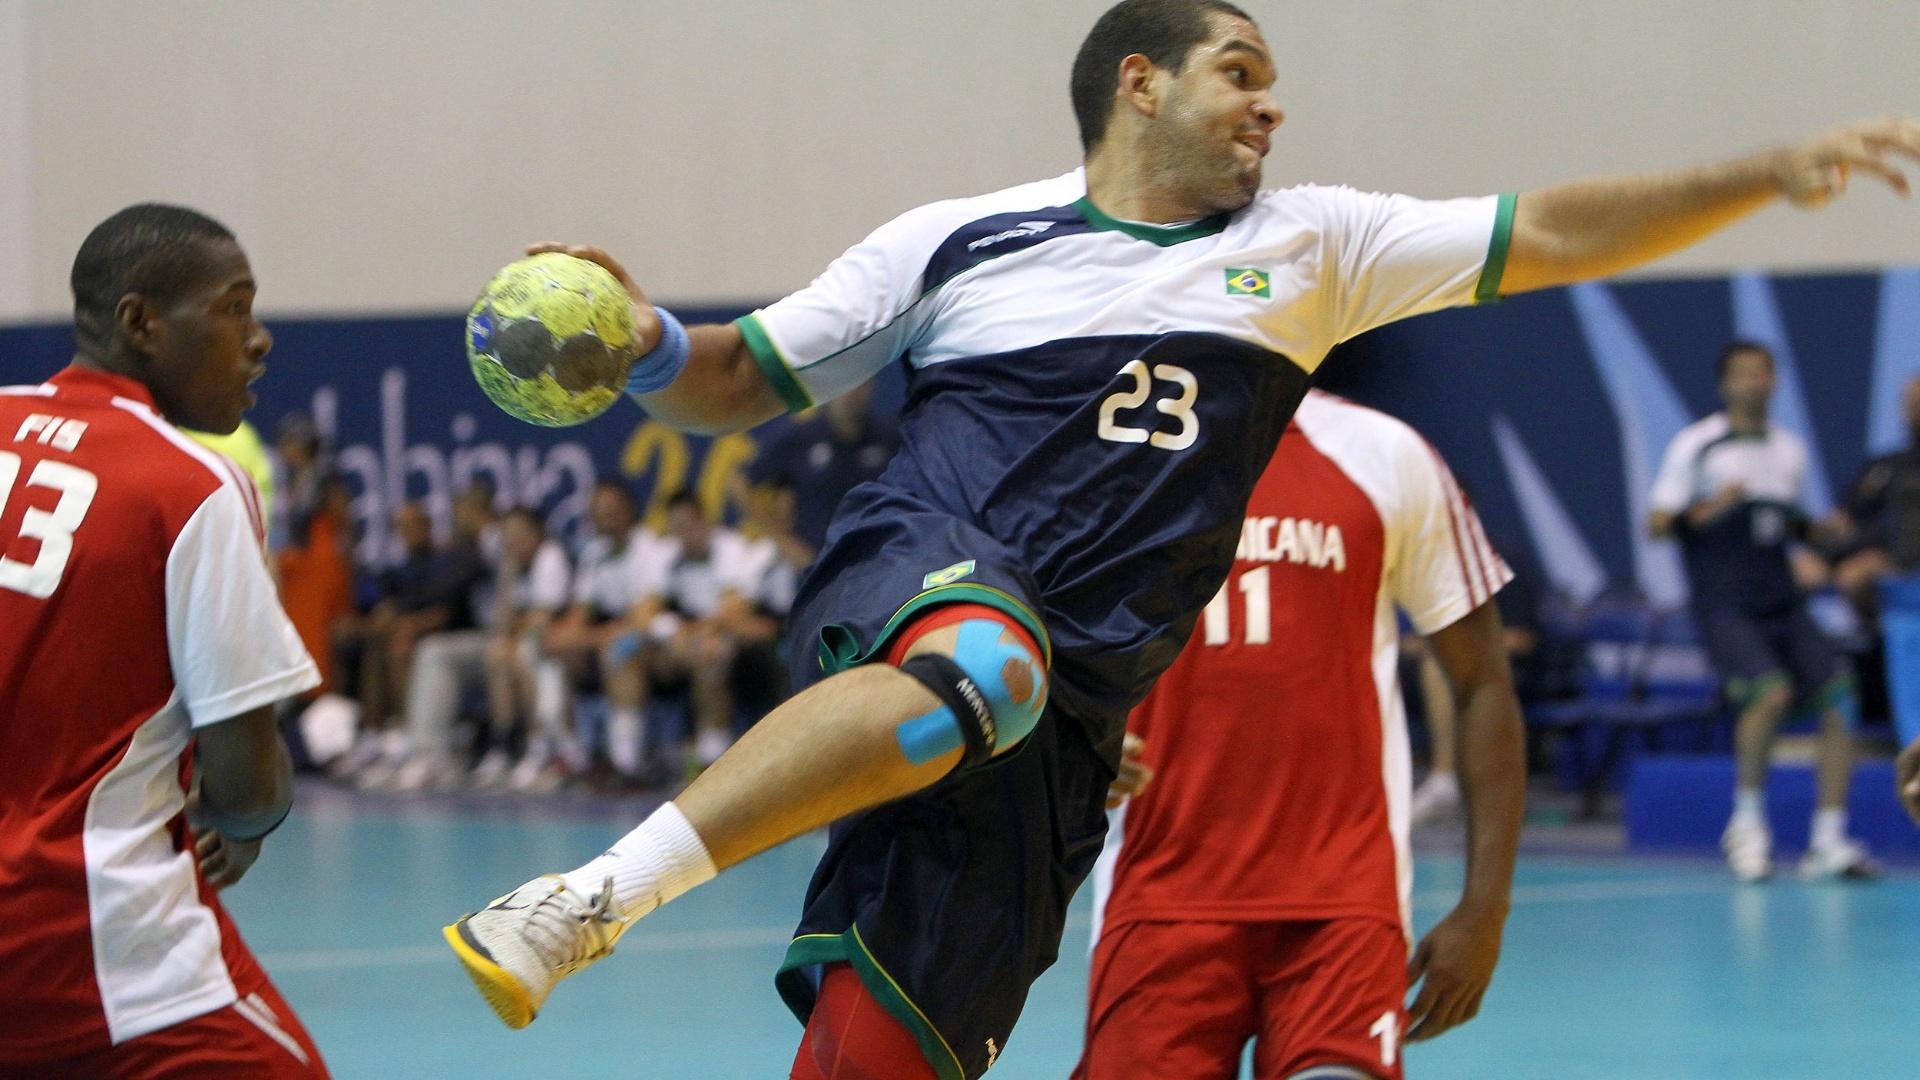 Vinícius arrisca arremesso para a seleção brasileira de handebol na vitória sobre a República Dominicana pela semifinal (22/10/2011)